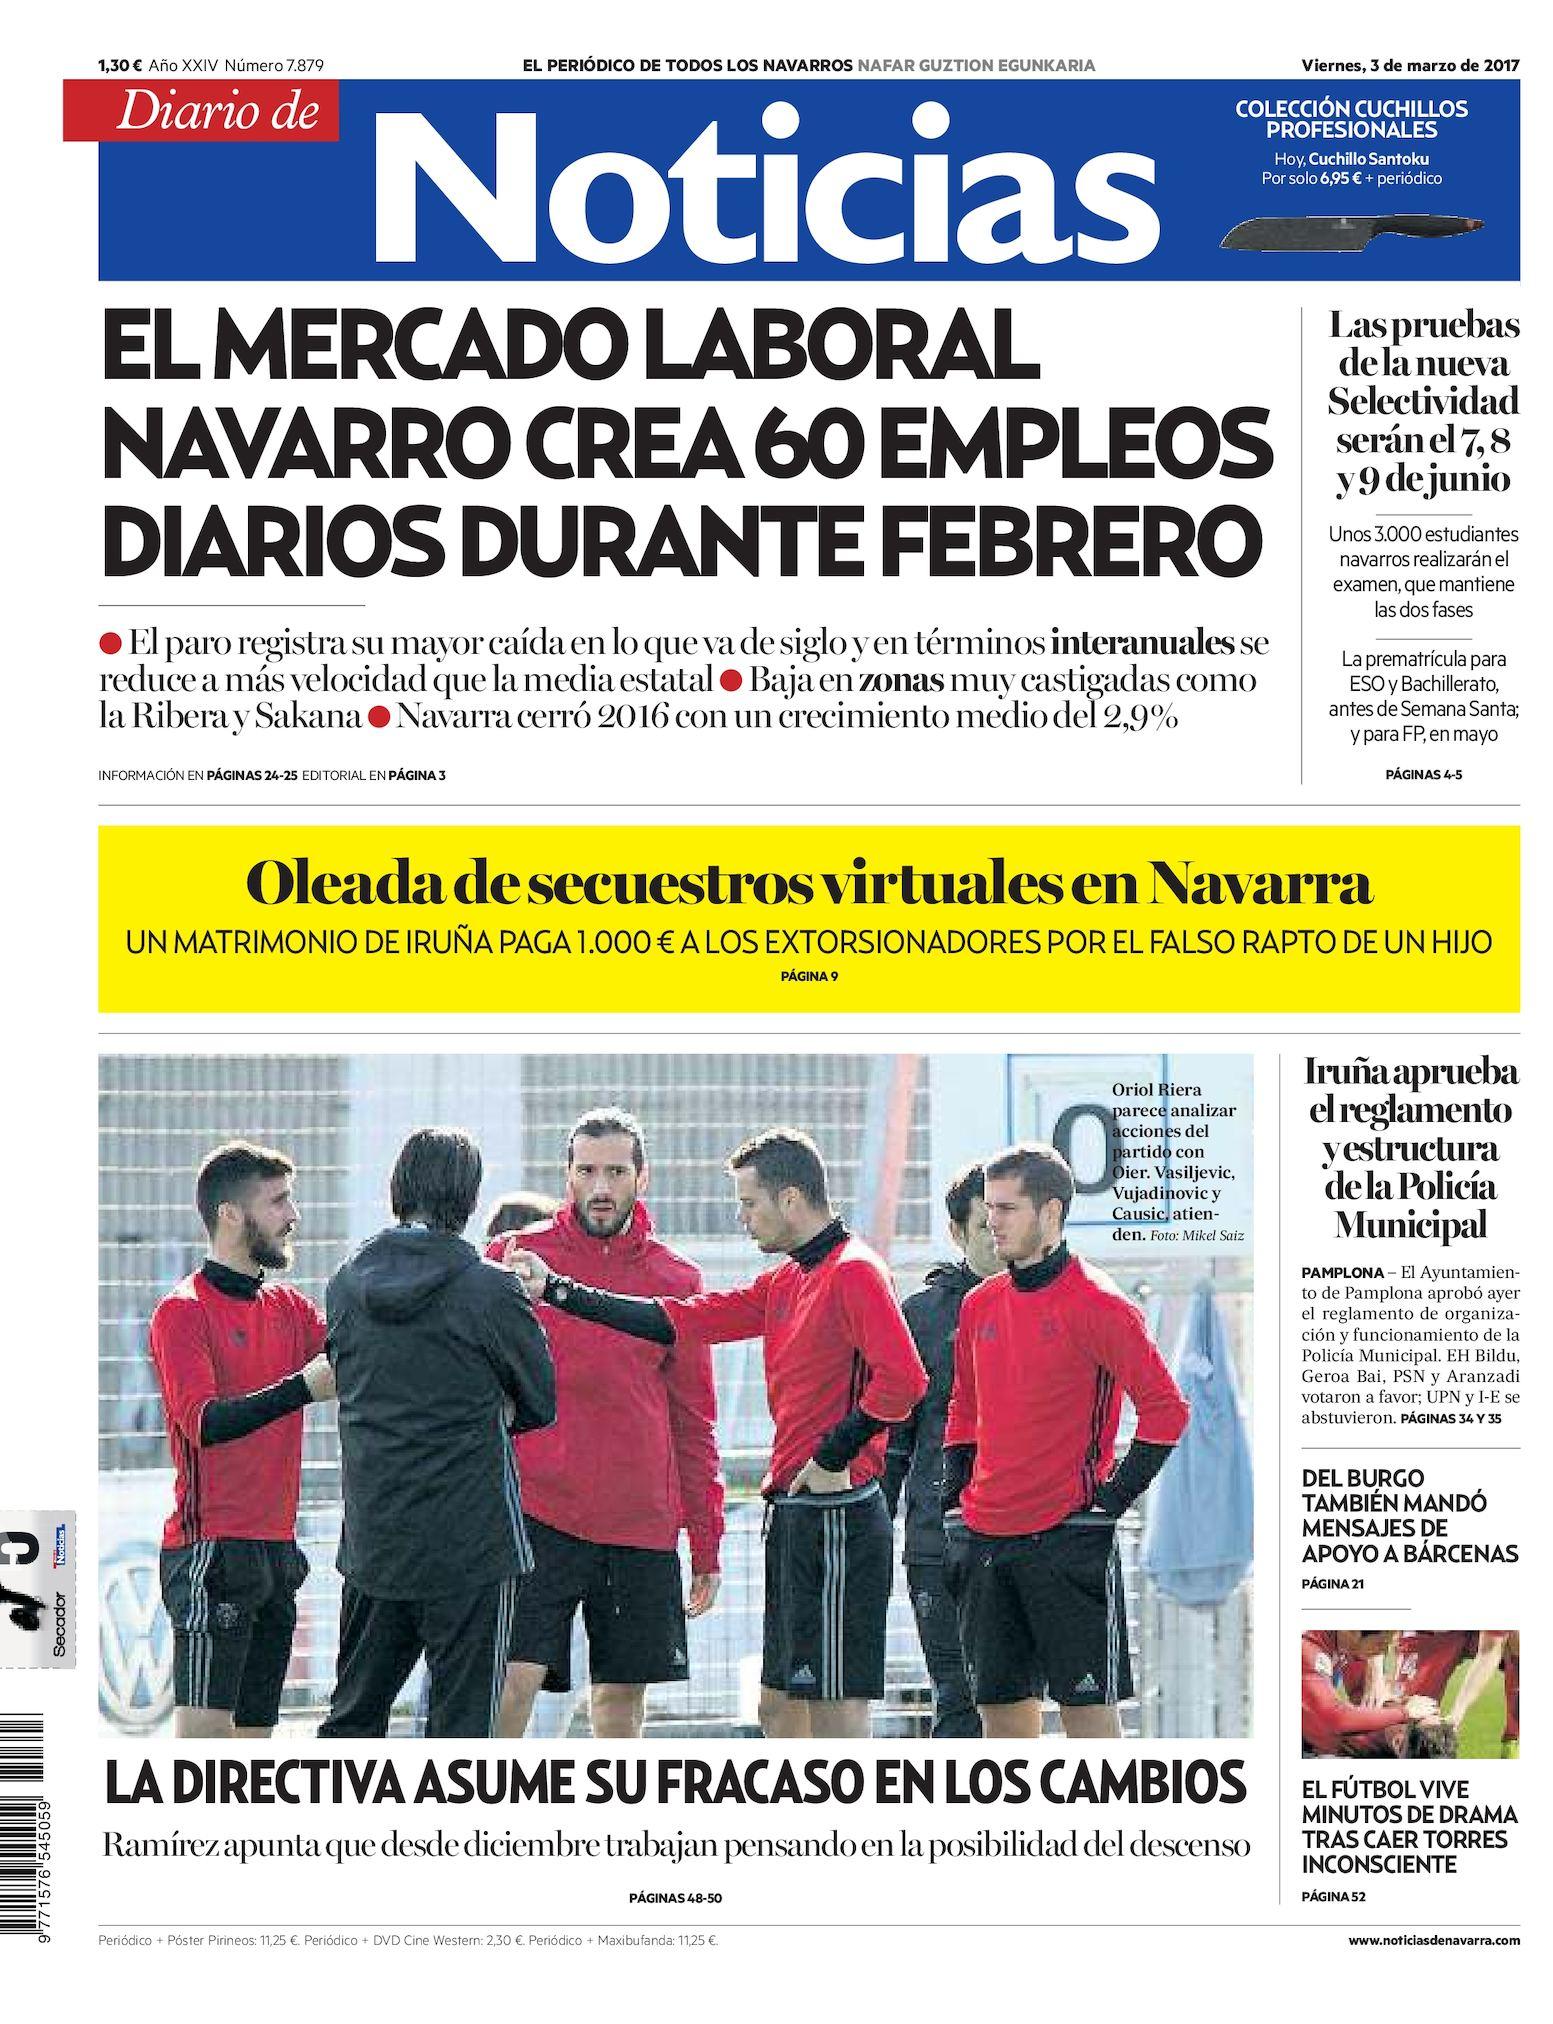 6f033be153 Calaméo - Diario de Noticias 20170303